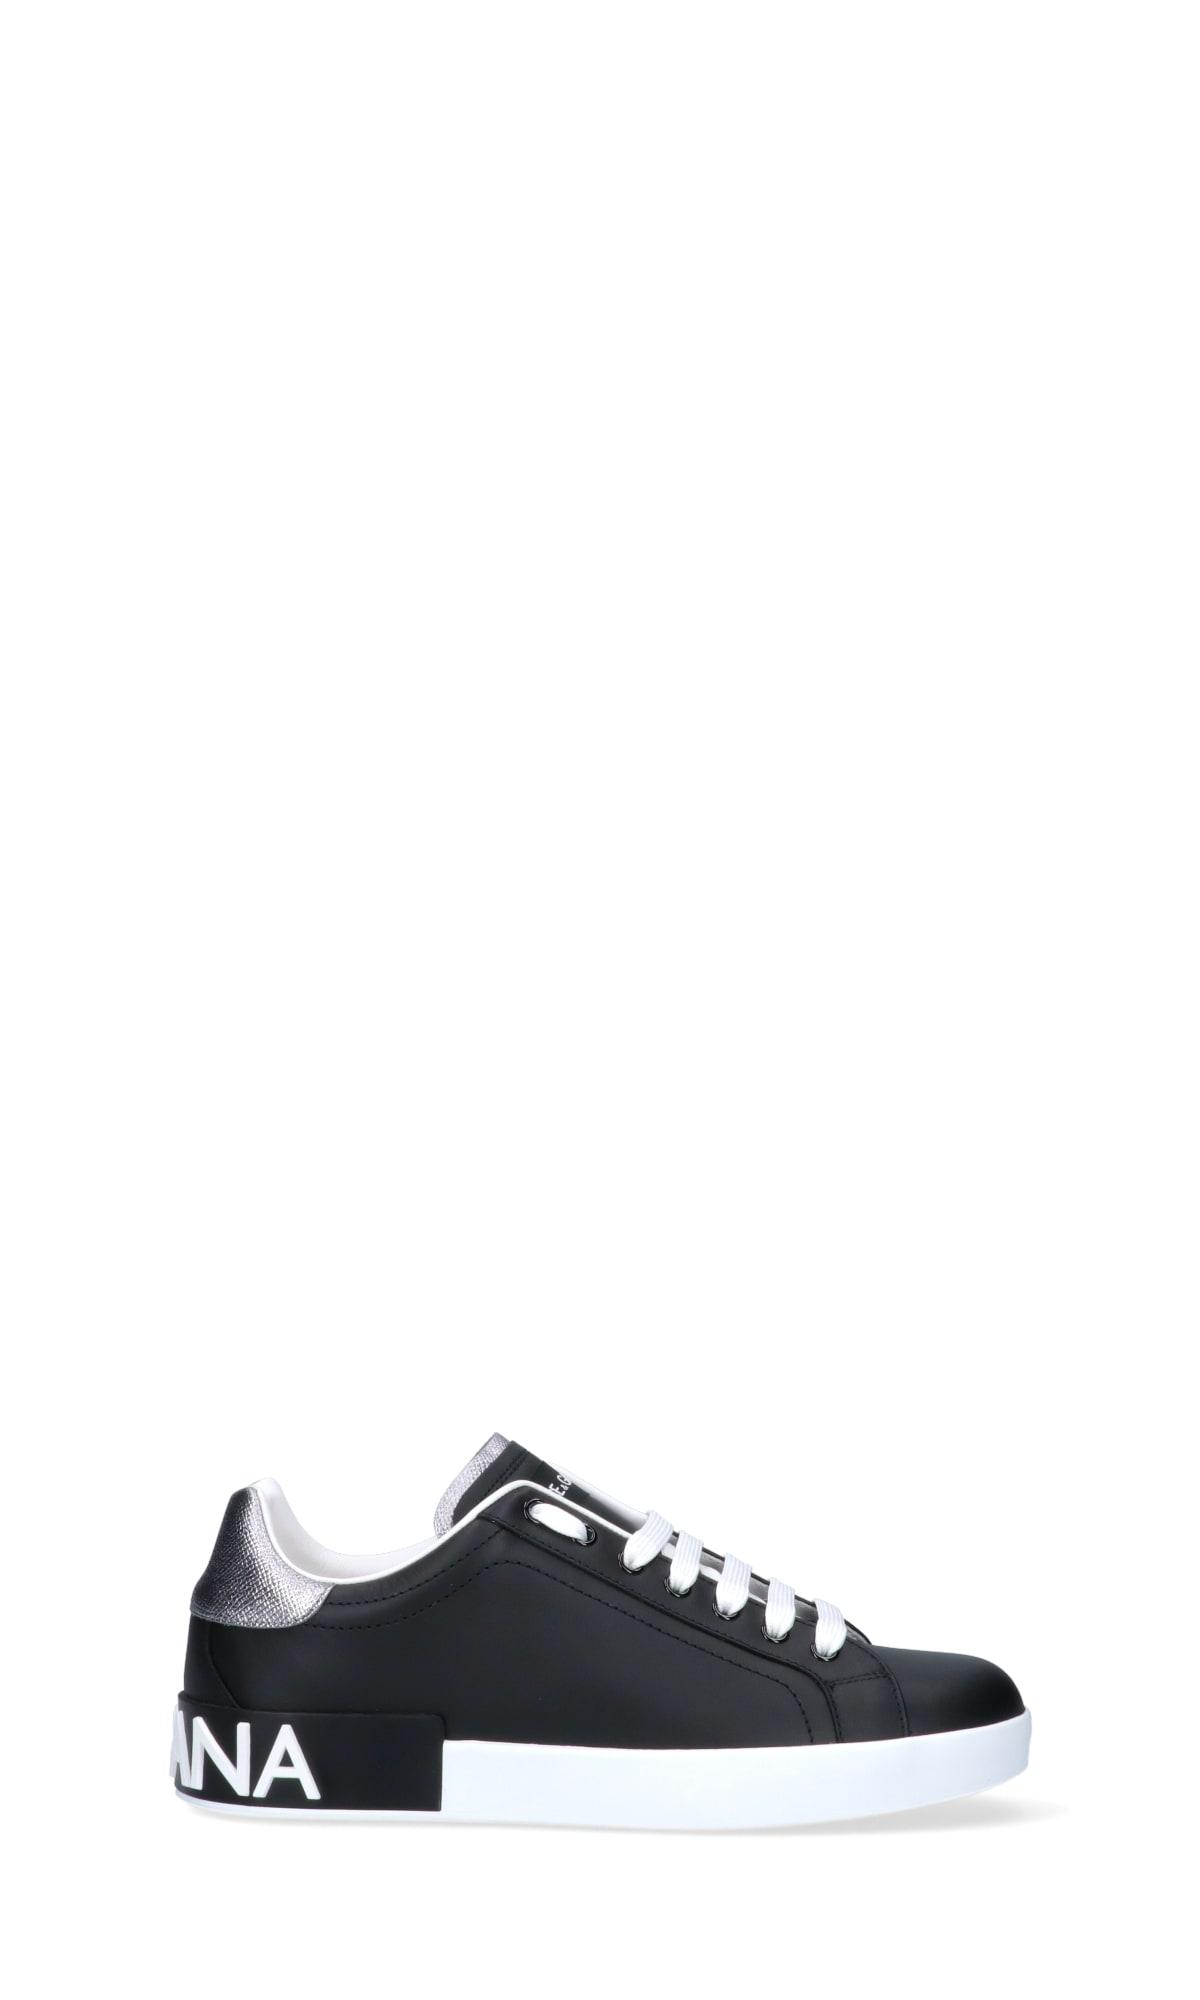 DOLCE & GABBANA Dolce & Gabbana Sneakers